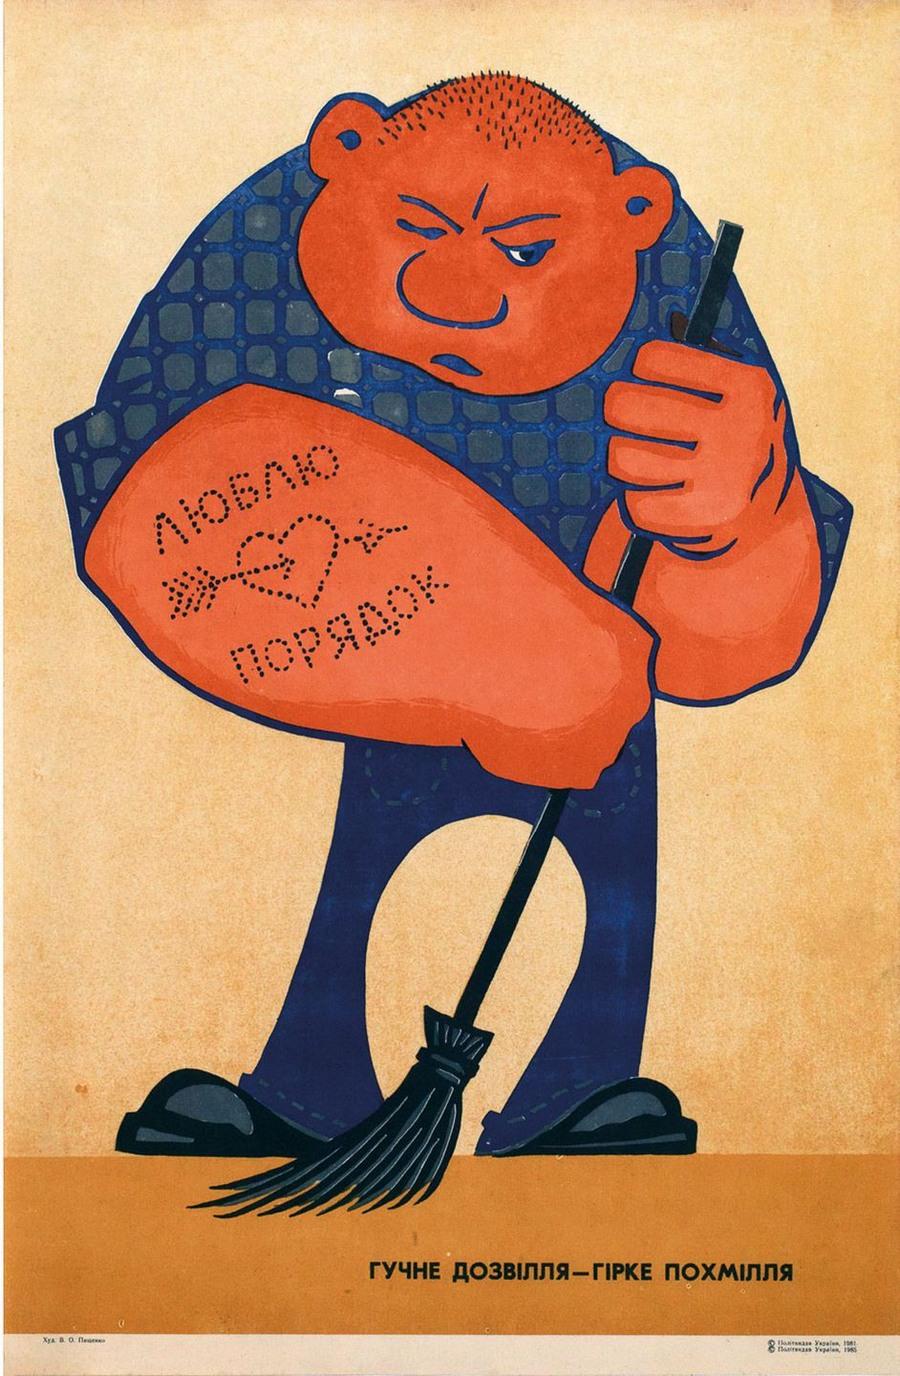 Пьянству бой: антиалкогольные советские плакаты  9